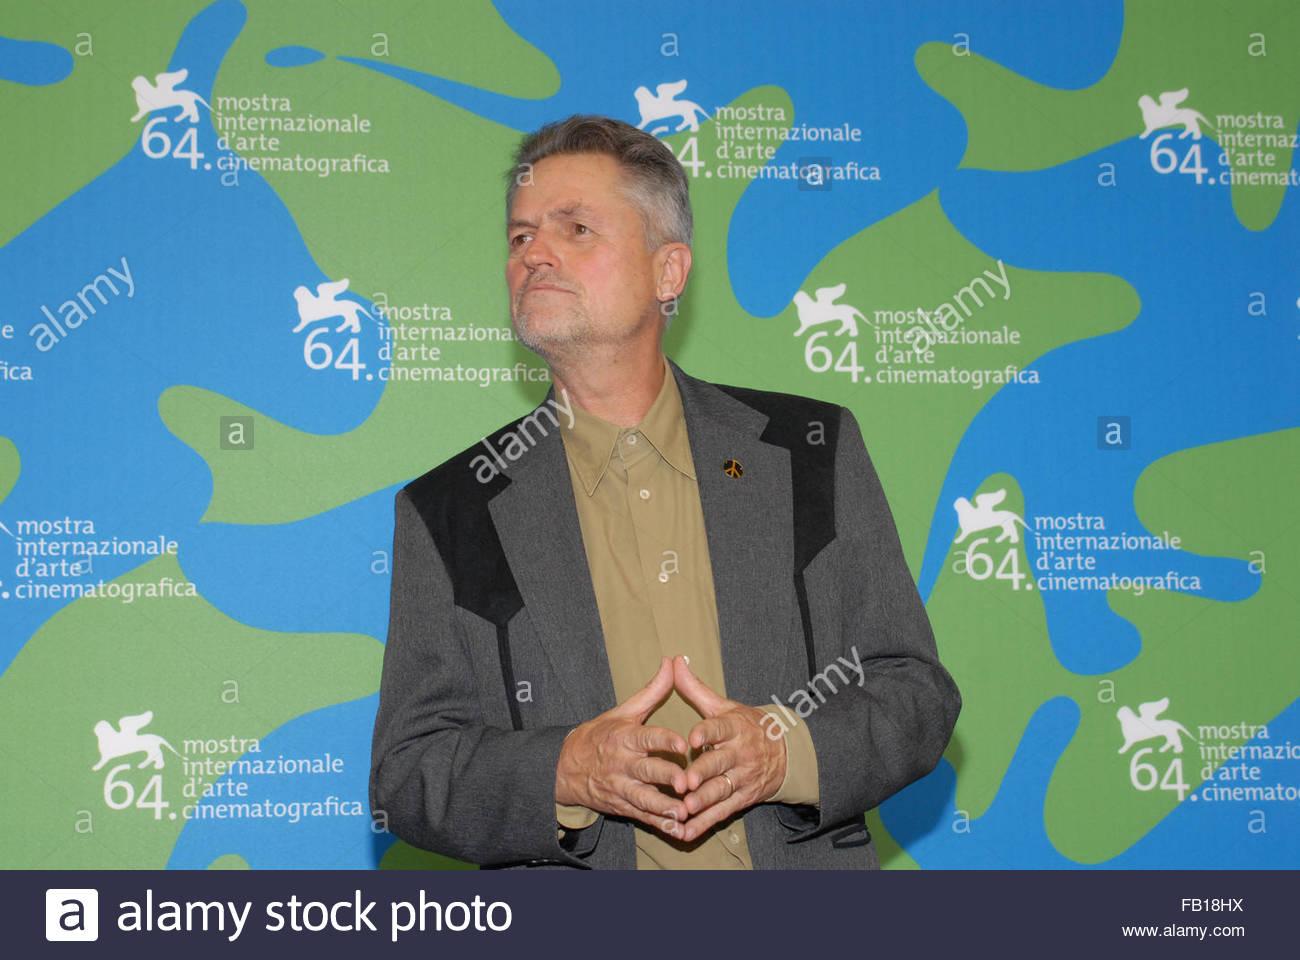 jonathan demme - Stock Image